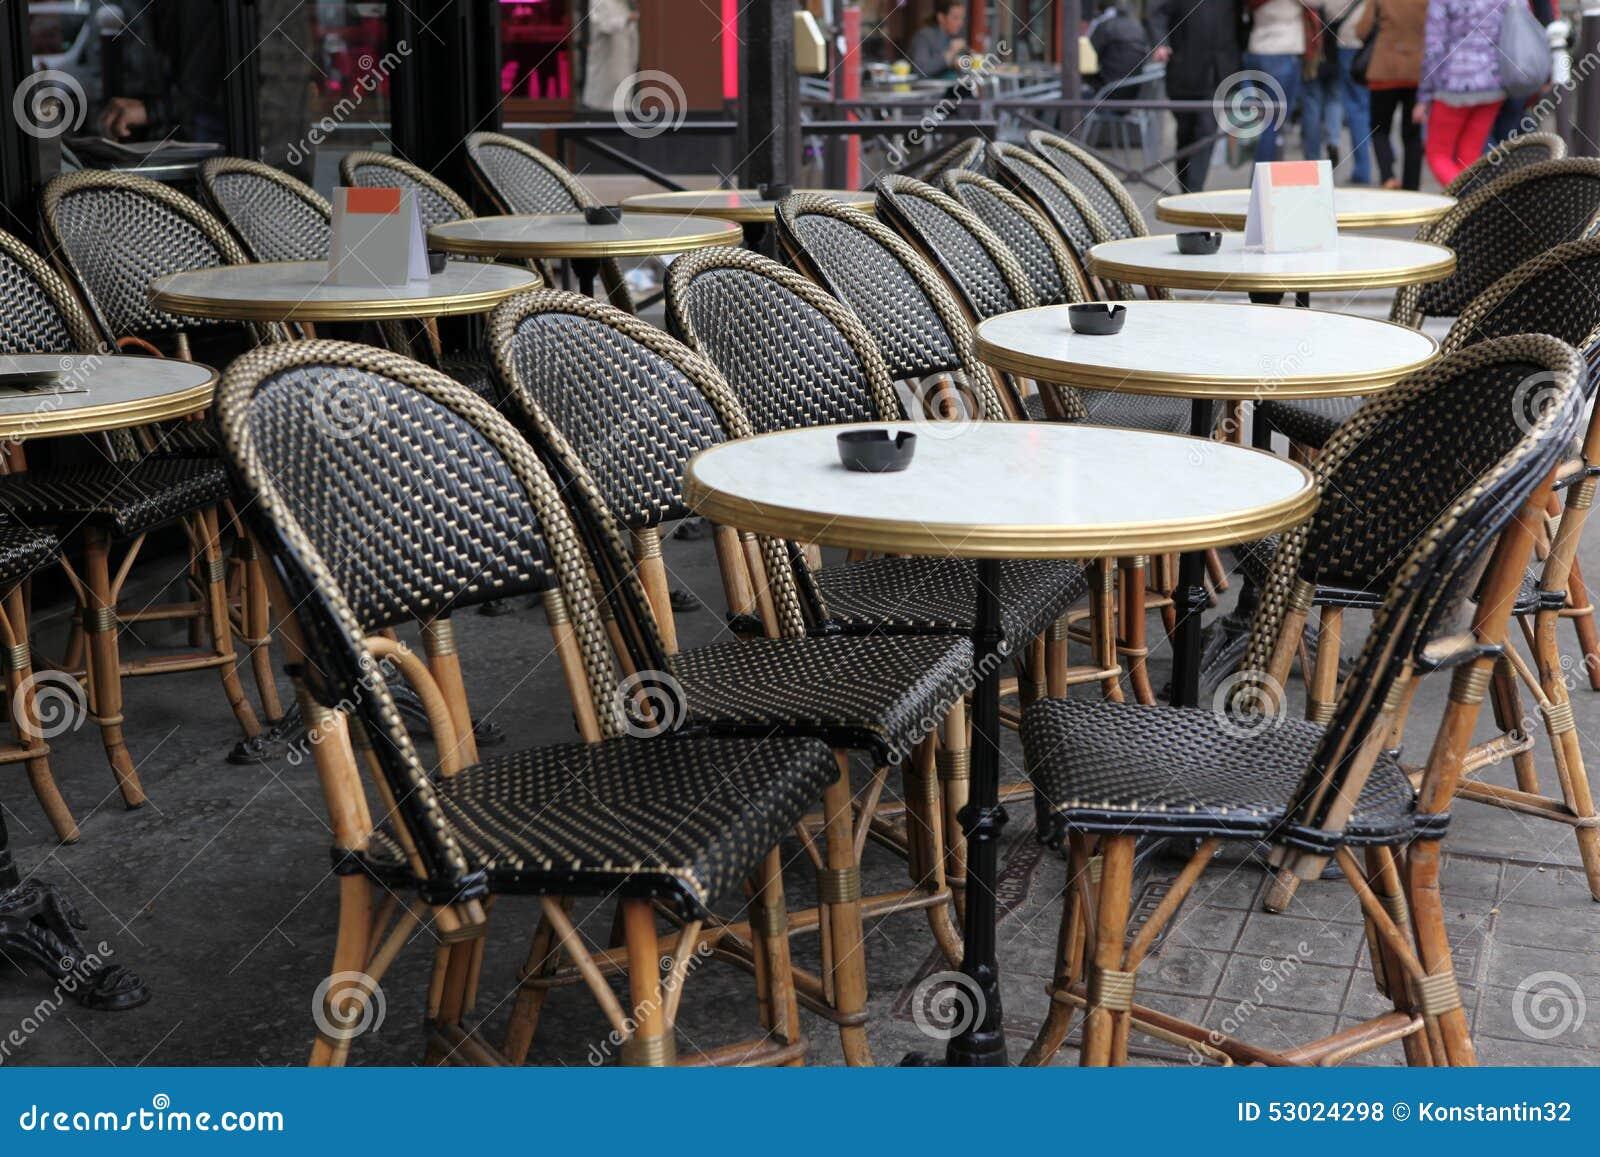 Terrasse de caf avec des tables et des chaises paris for Des tables et des chaises